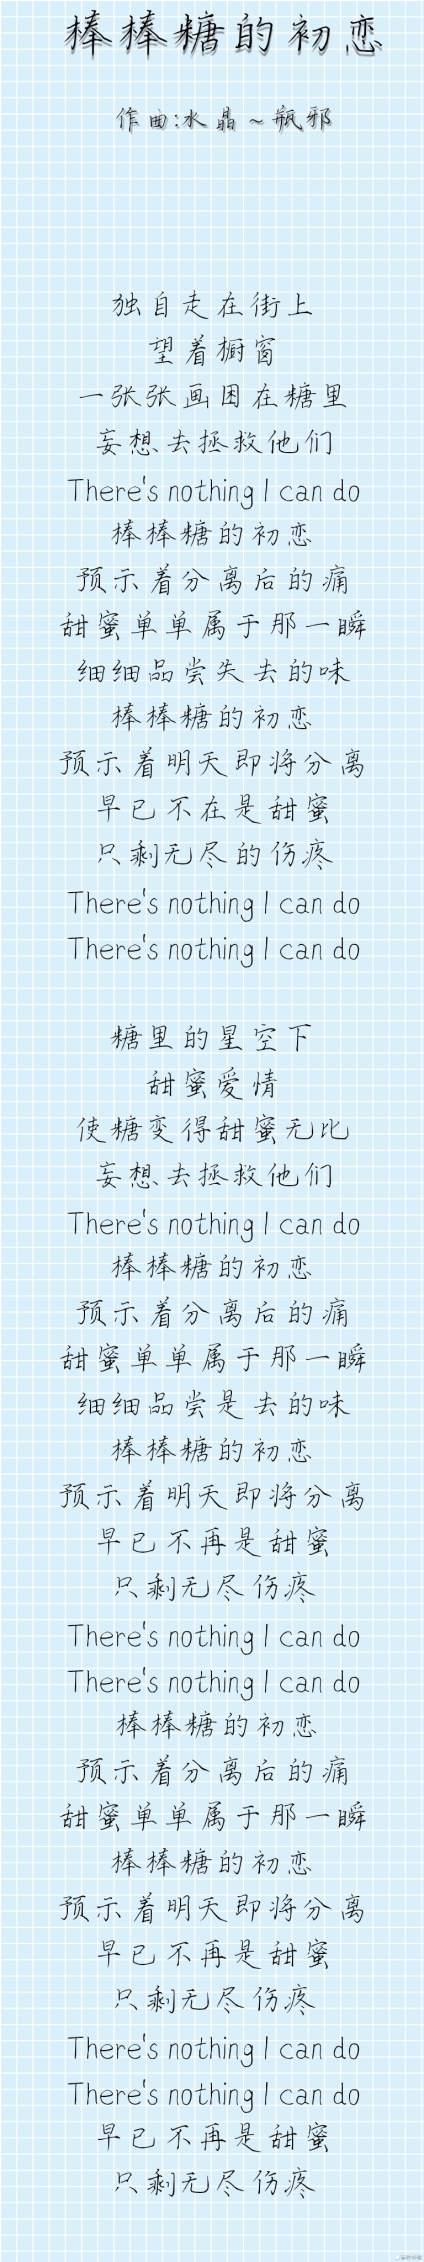 这是我写的歌的歌词,各位帮忙弄一下调哈我弄不来。